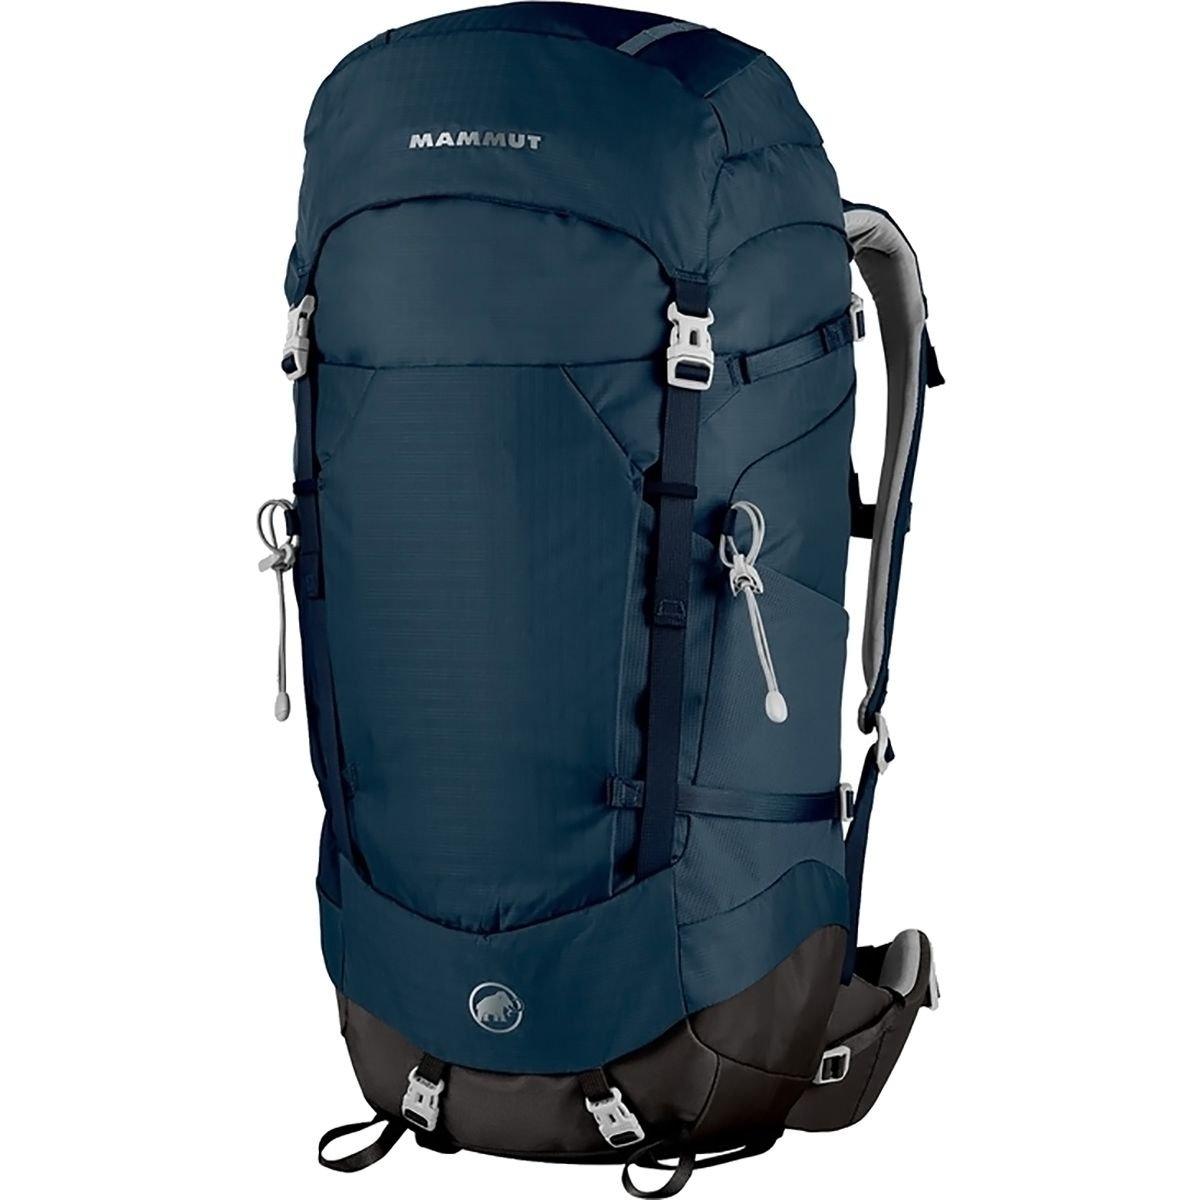 (マムート) Mammut Lithium Crest S 30+7L Backpackメンズ バックパック リュック Jay/Graphite [並行輸入品] B07CPM4N59  One Size